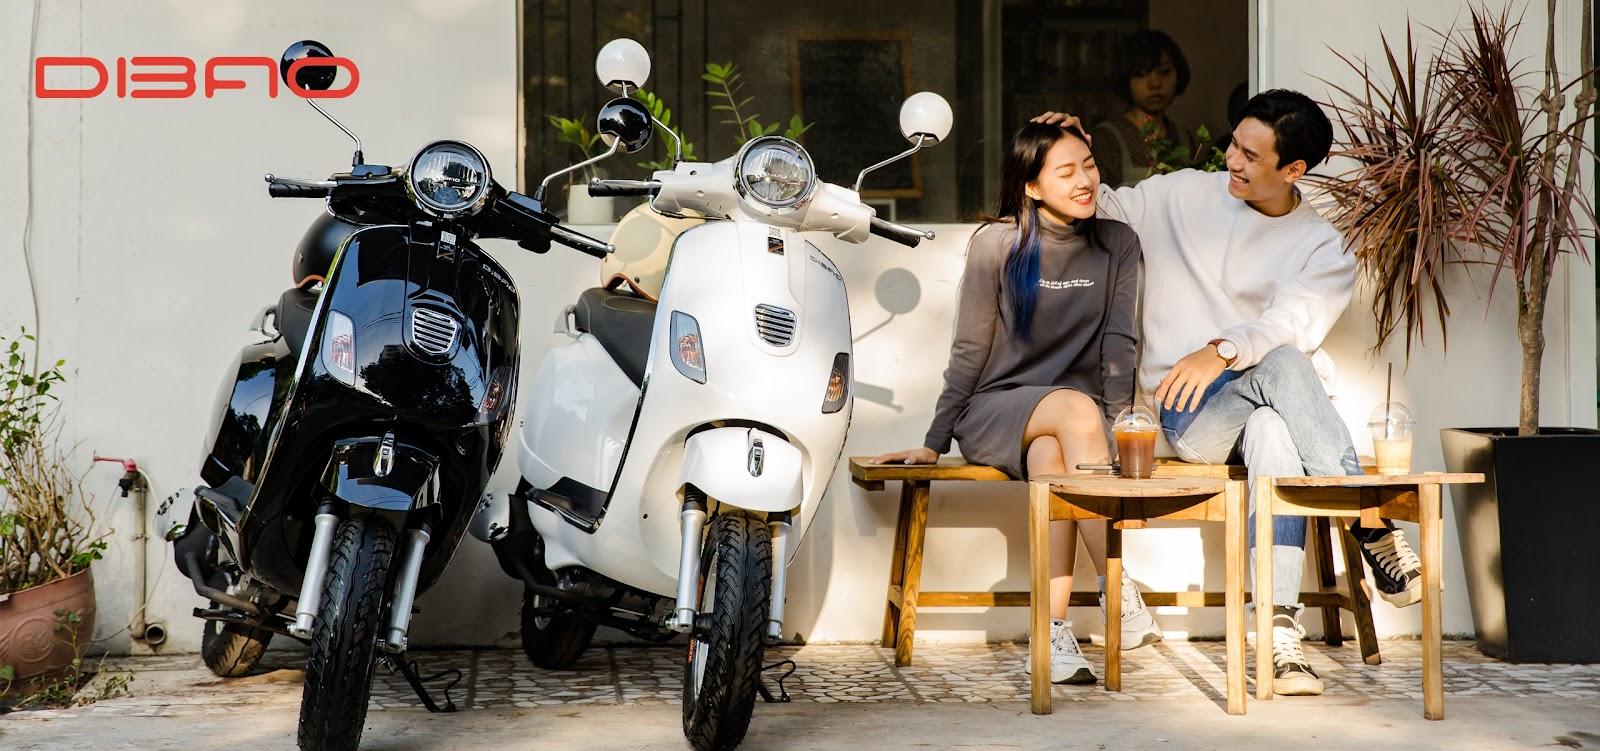 DIBAO Pansy XS xe tay ga 50cc giá rẻ, bền bỉ